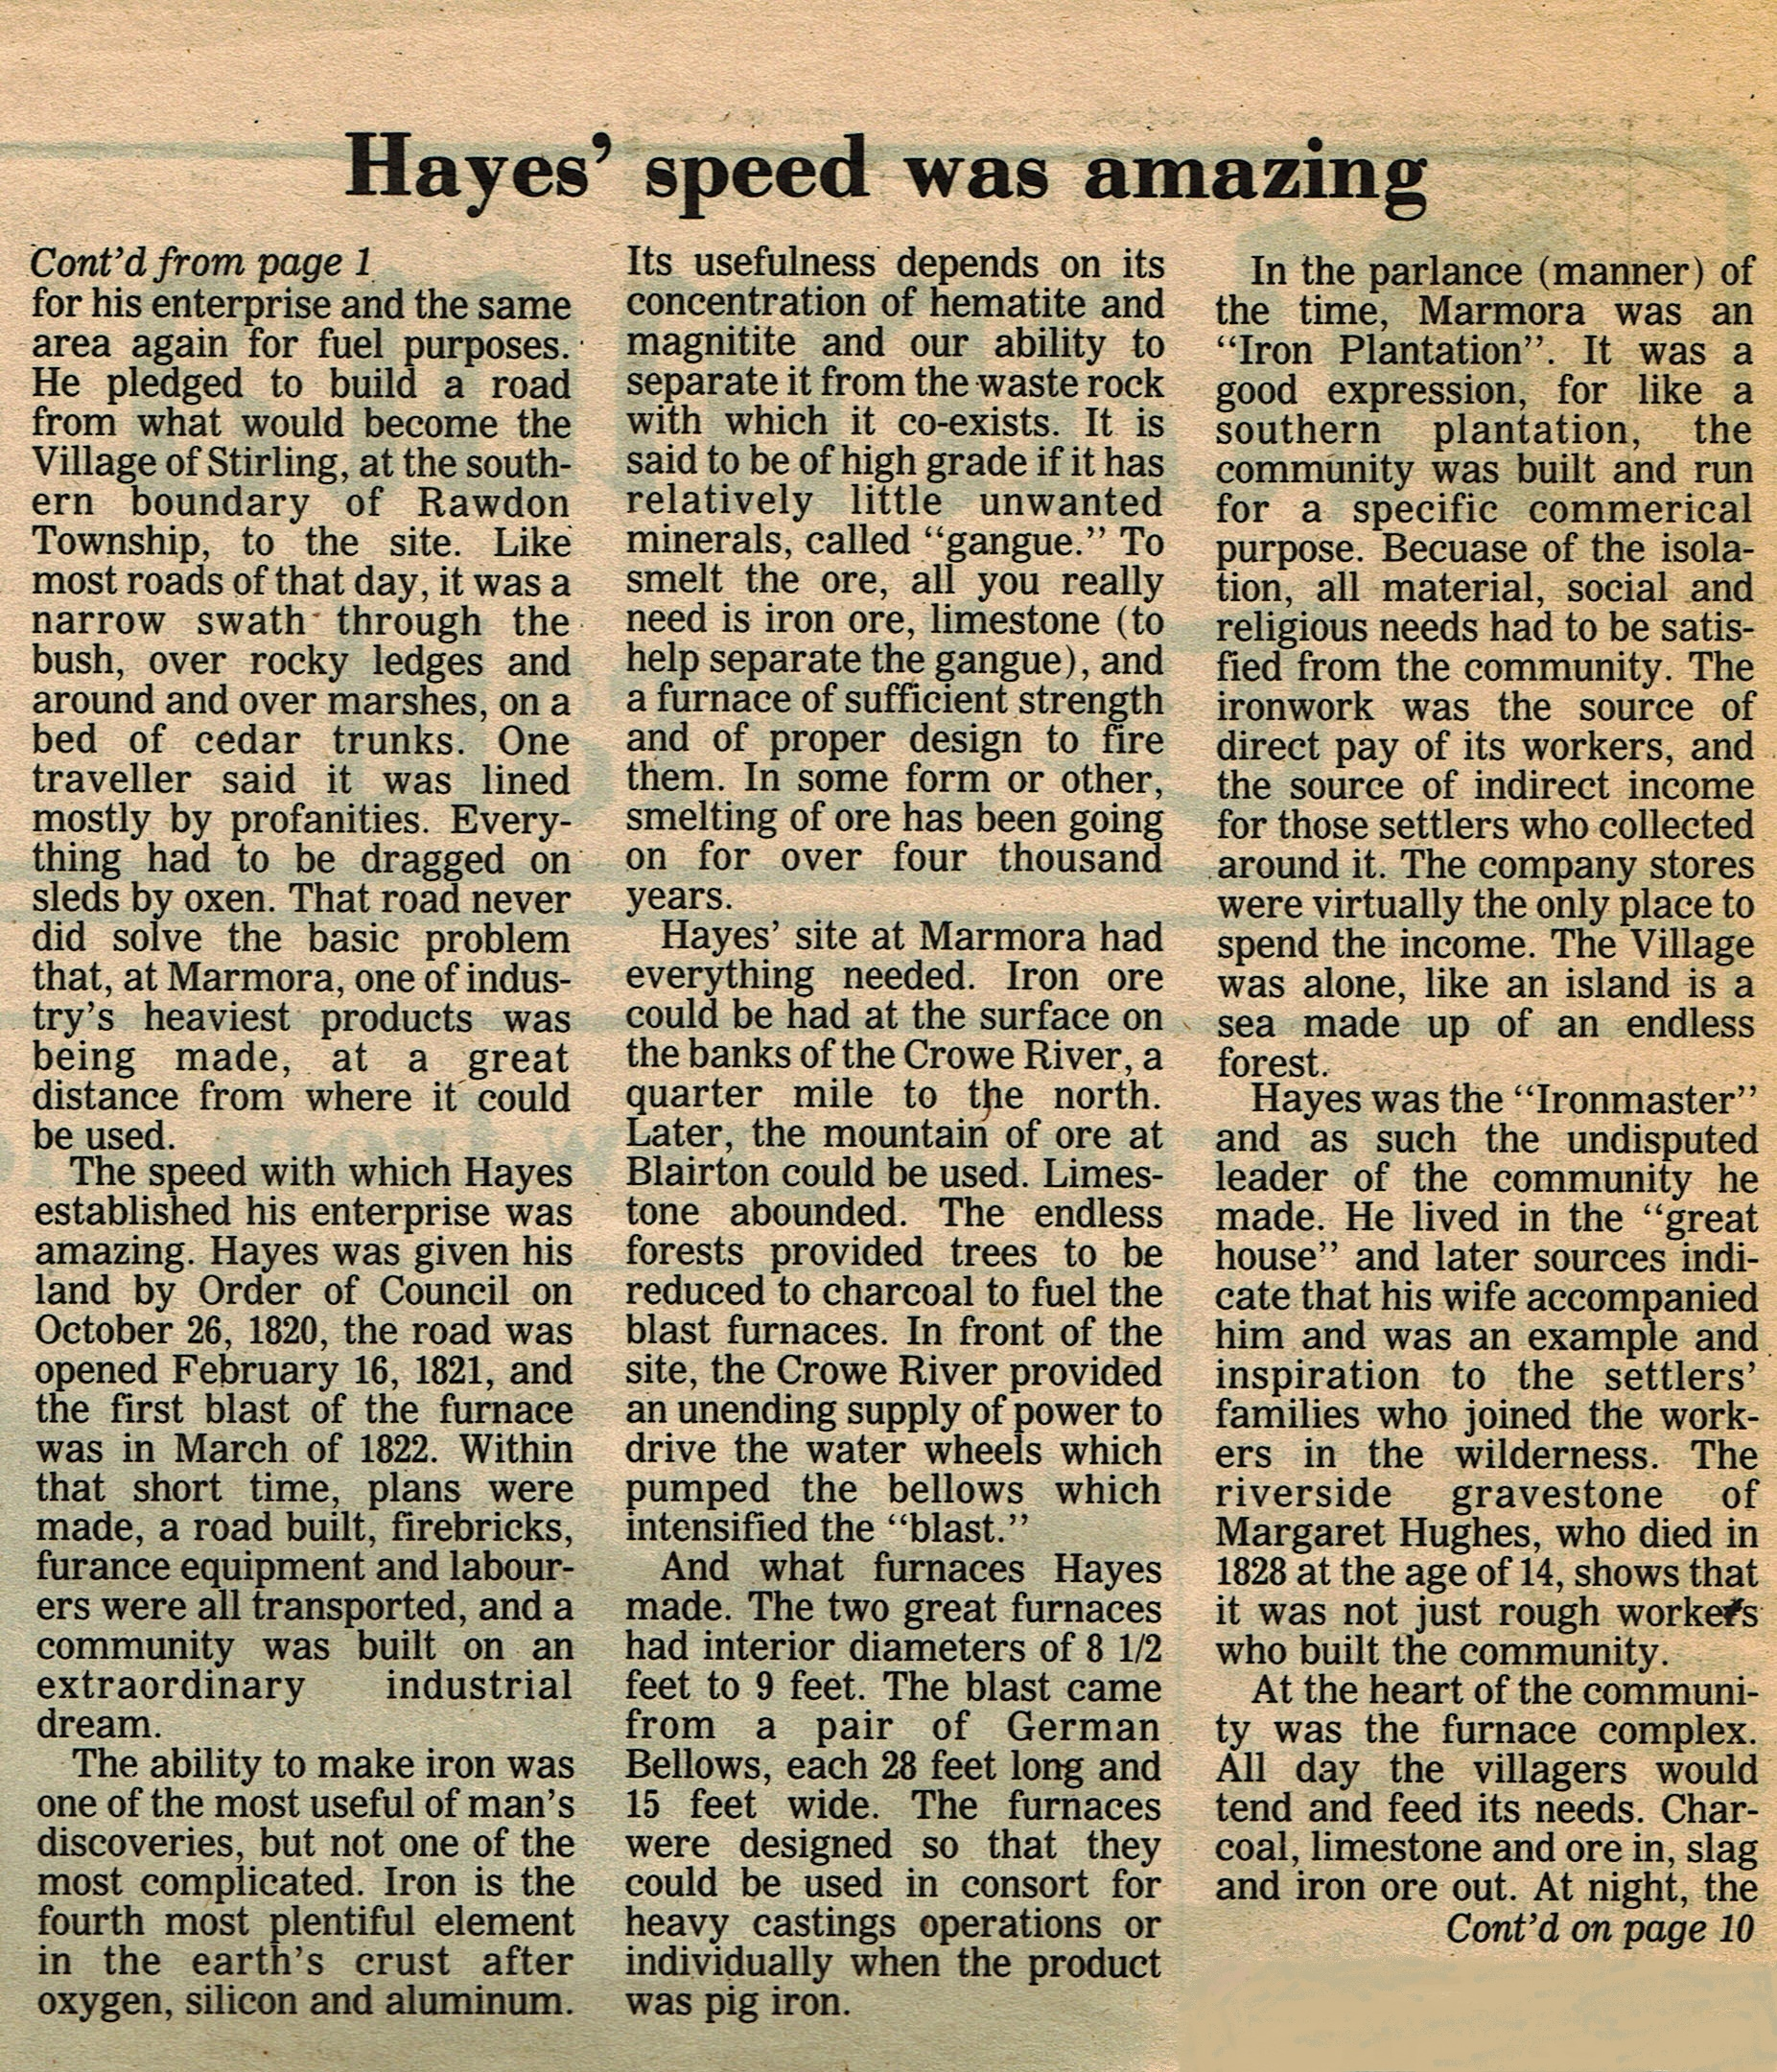 Chrles Hayes, Marmora Herlad (2).jpg